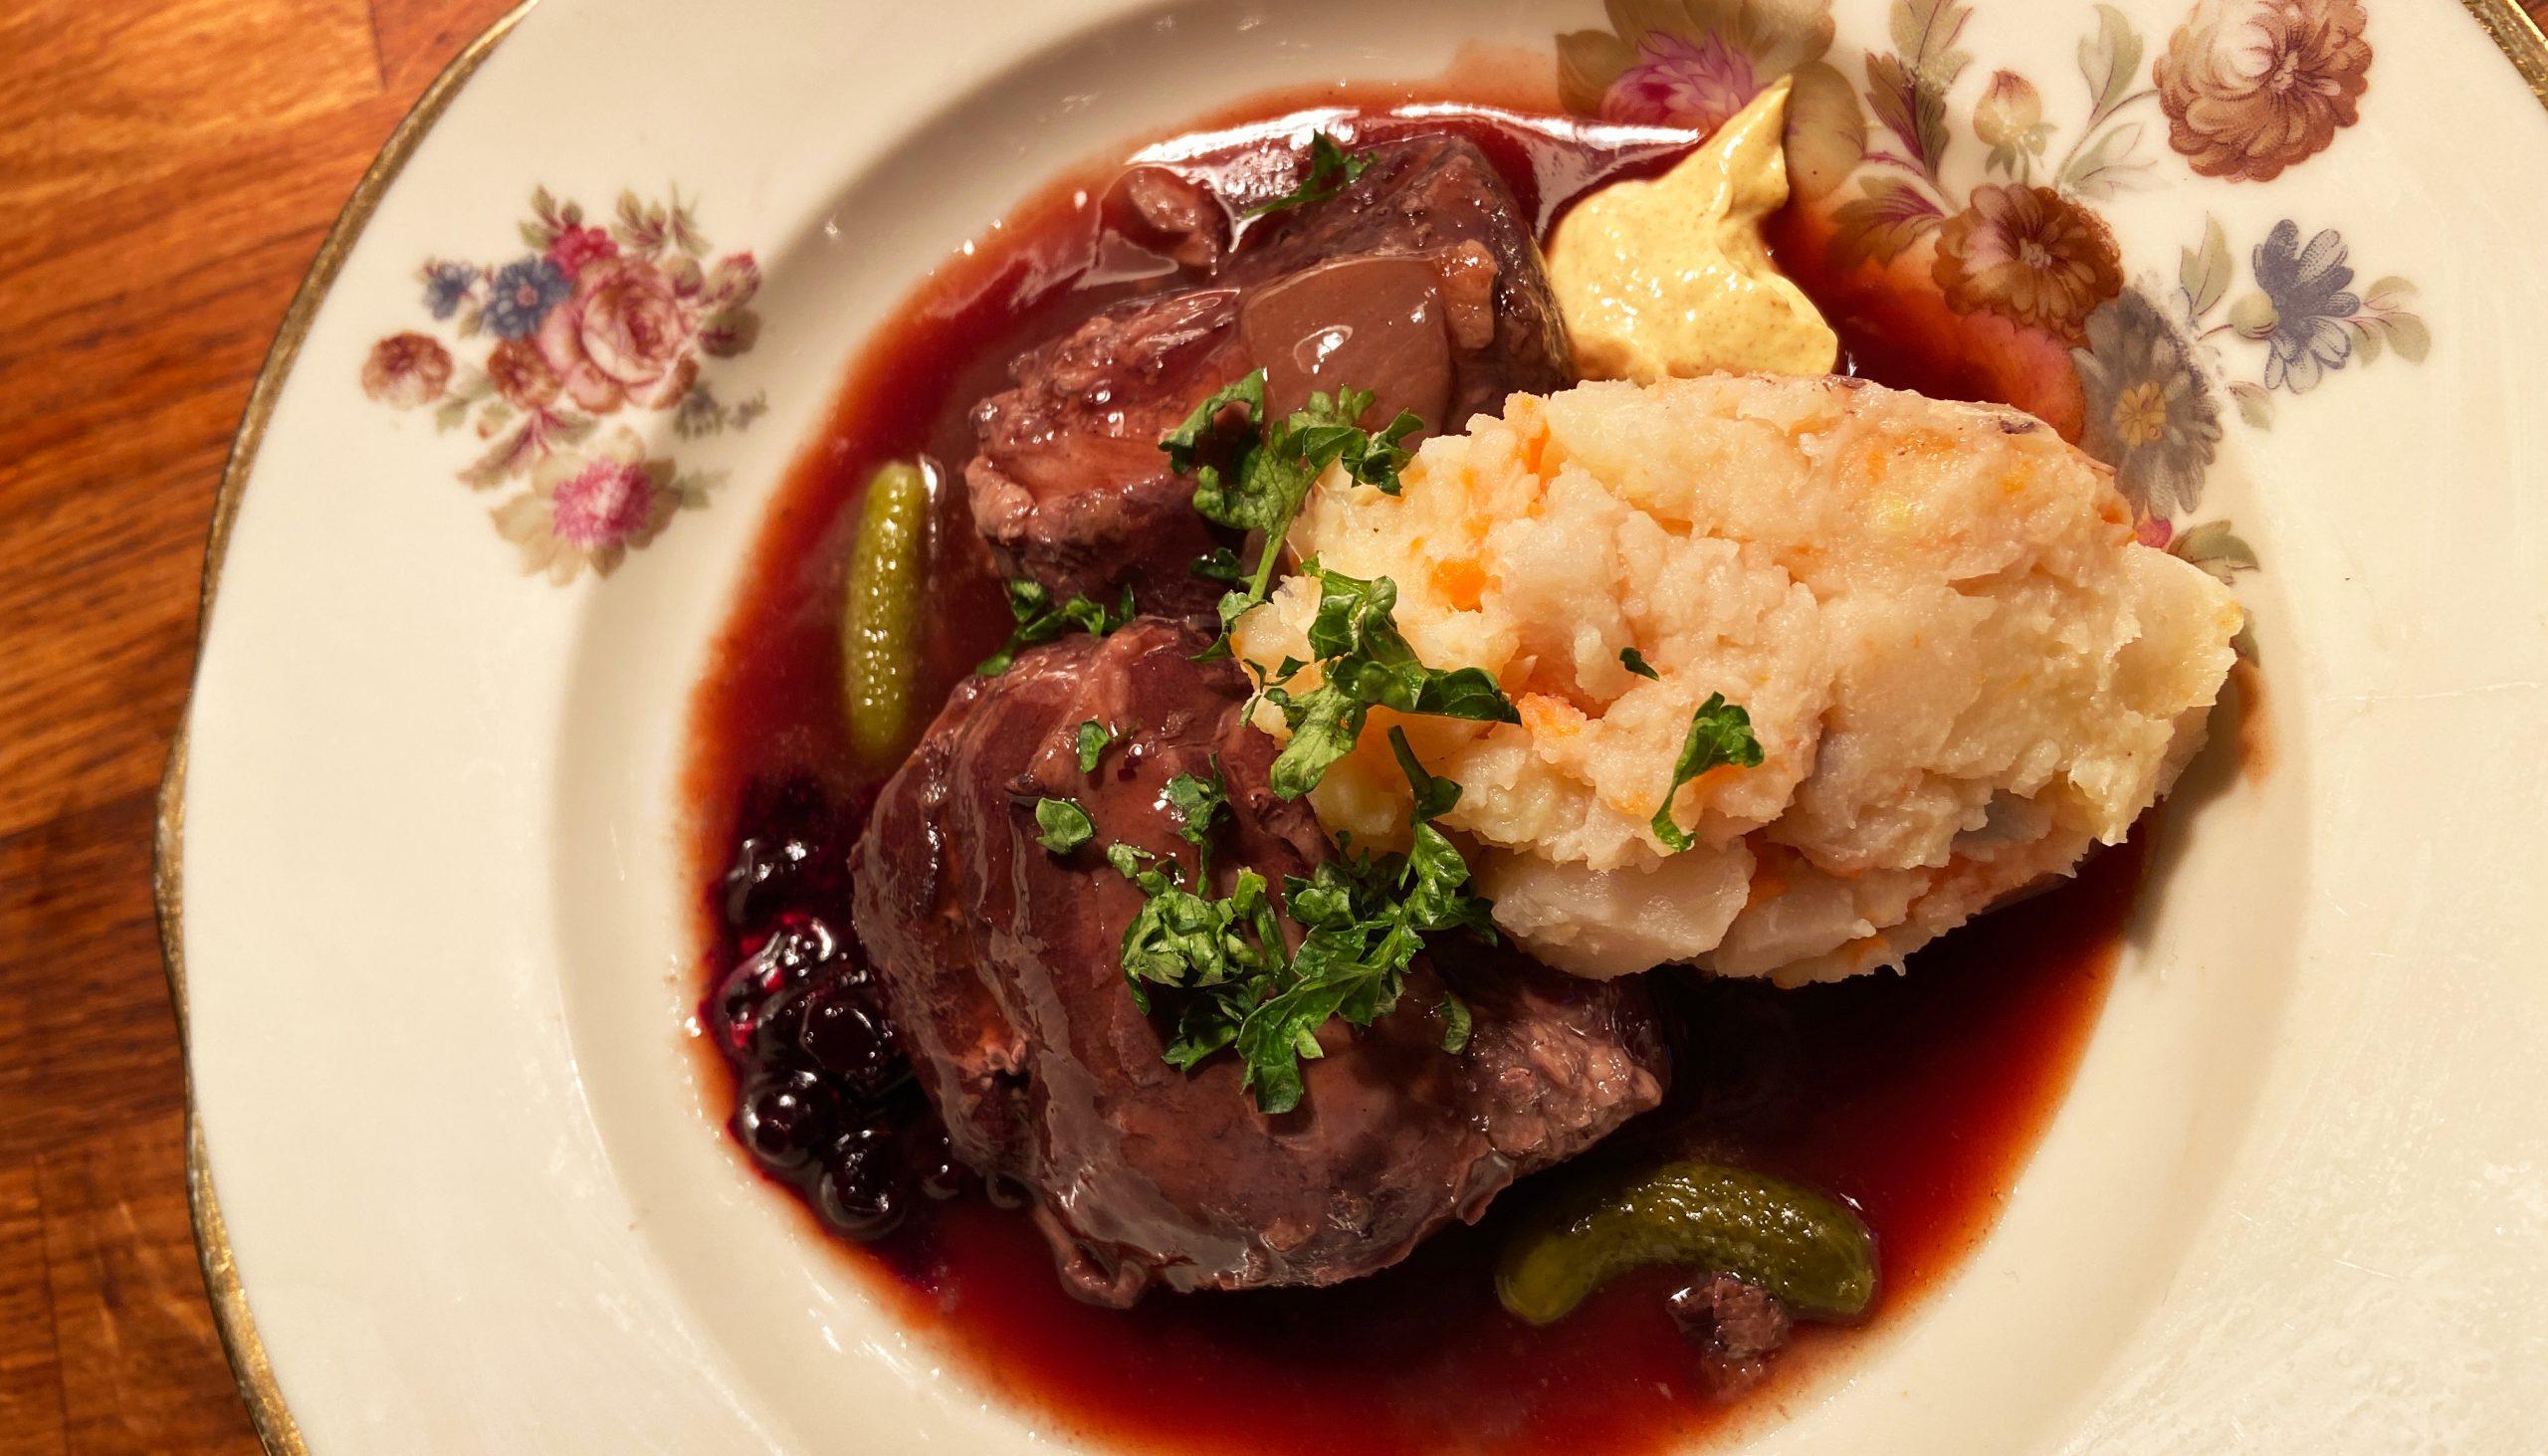 Takeaway i denne uge: Få aftensmad fra fire af Aalborgs bedste til 90 kr.